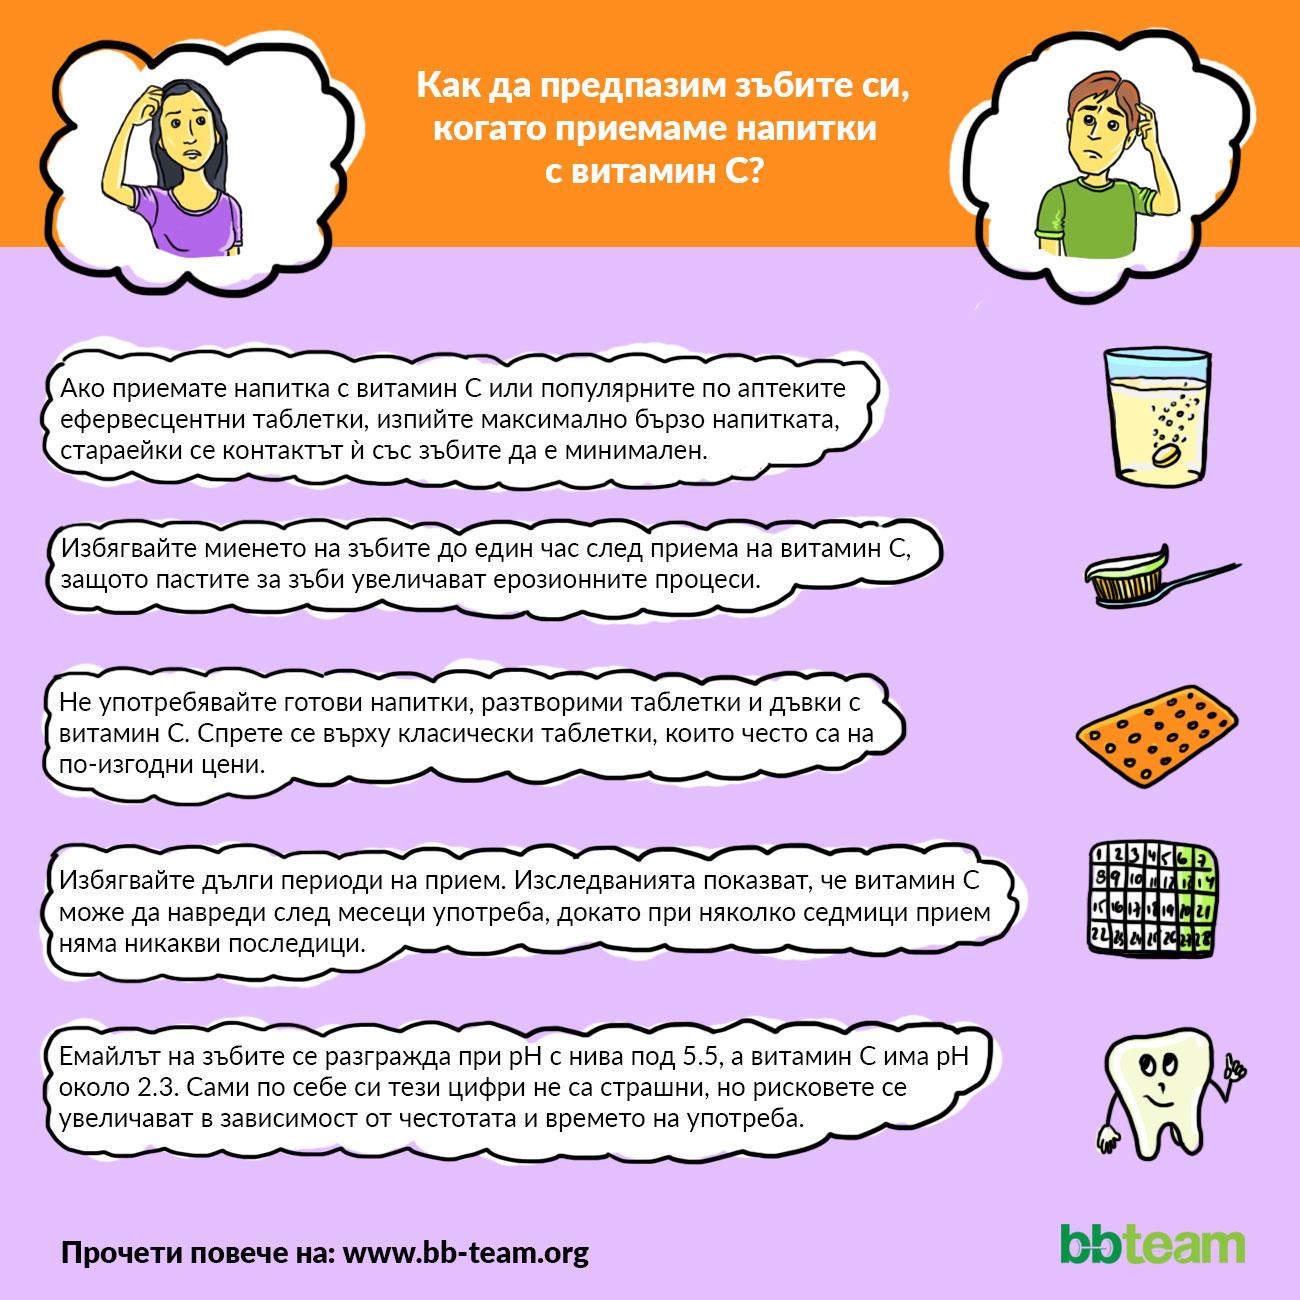 Как да предпазим зъбите си, когато приемаме напитки с витамин C? [инфографика]